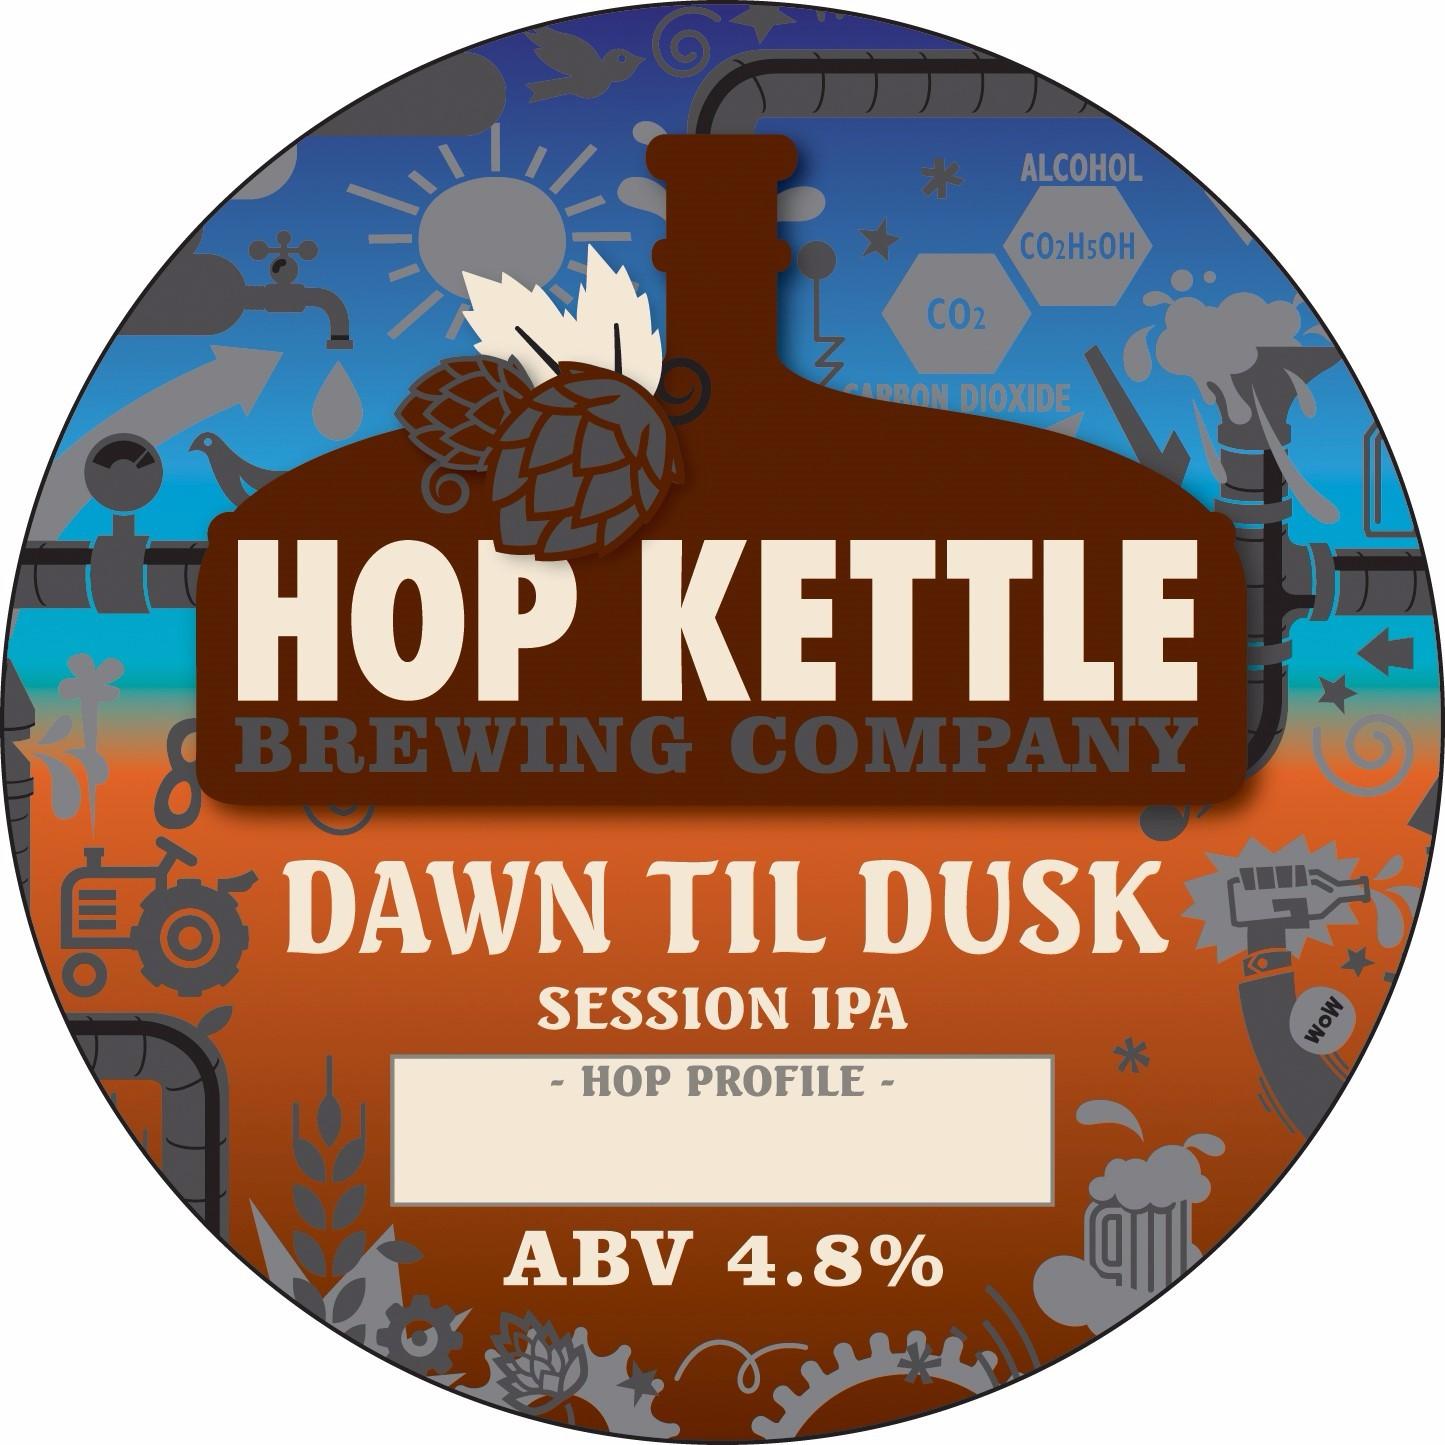 Hop Kettle Dawn Til Dusk